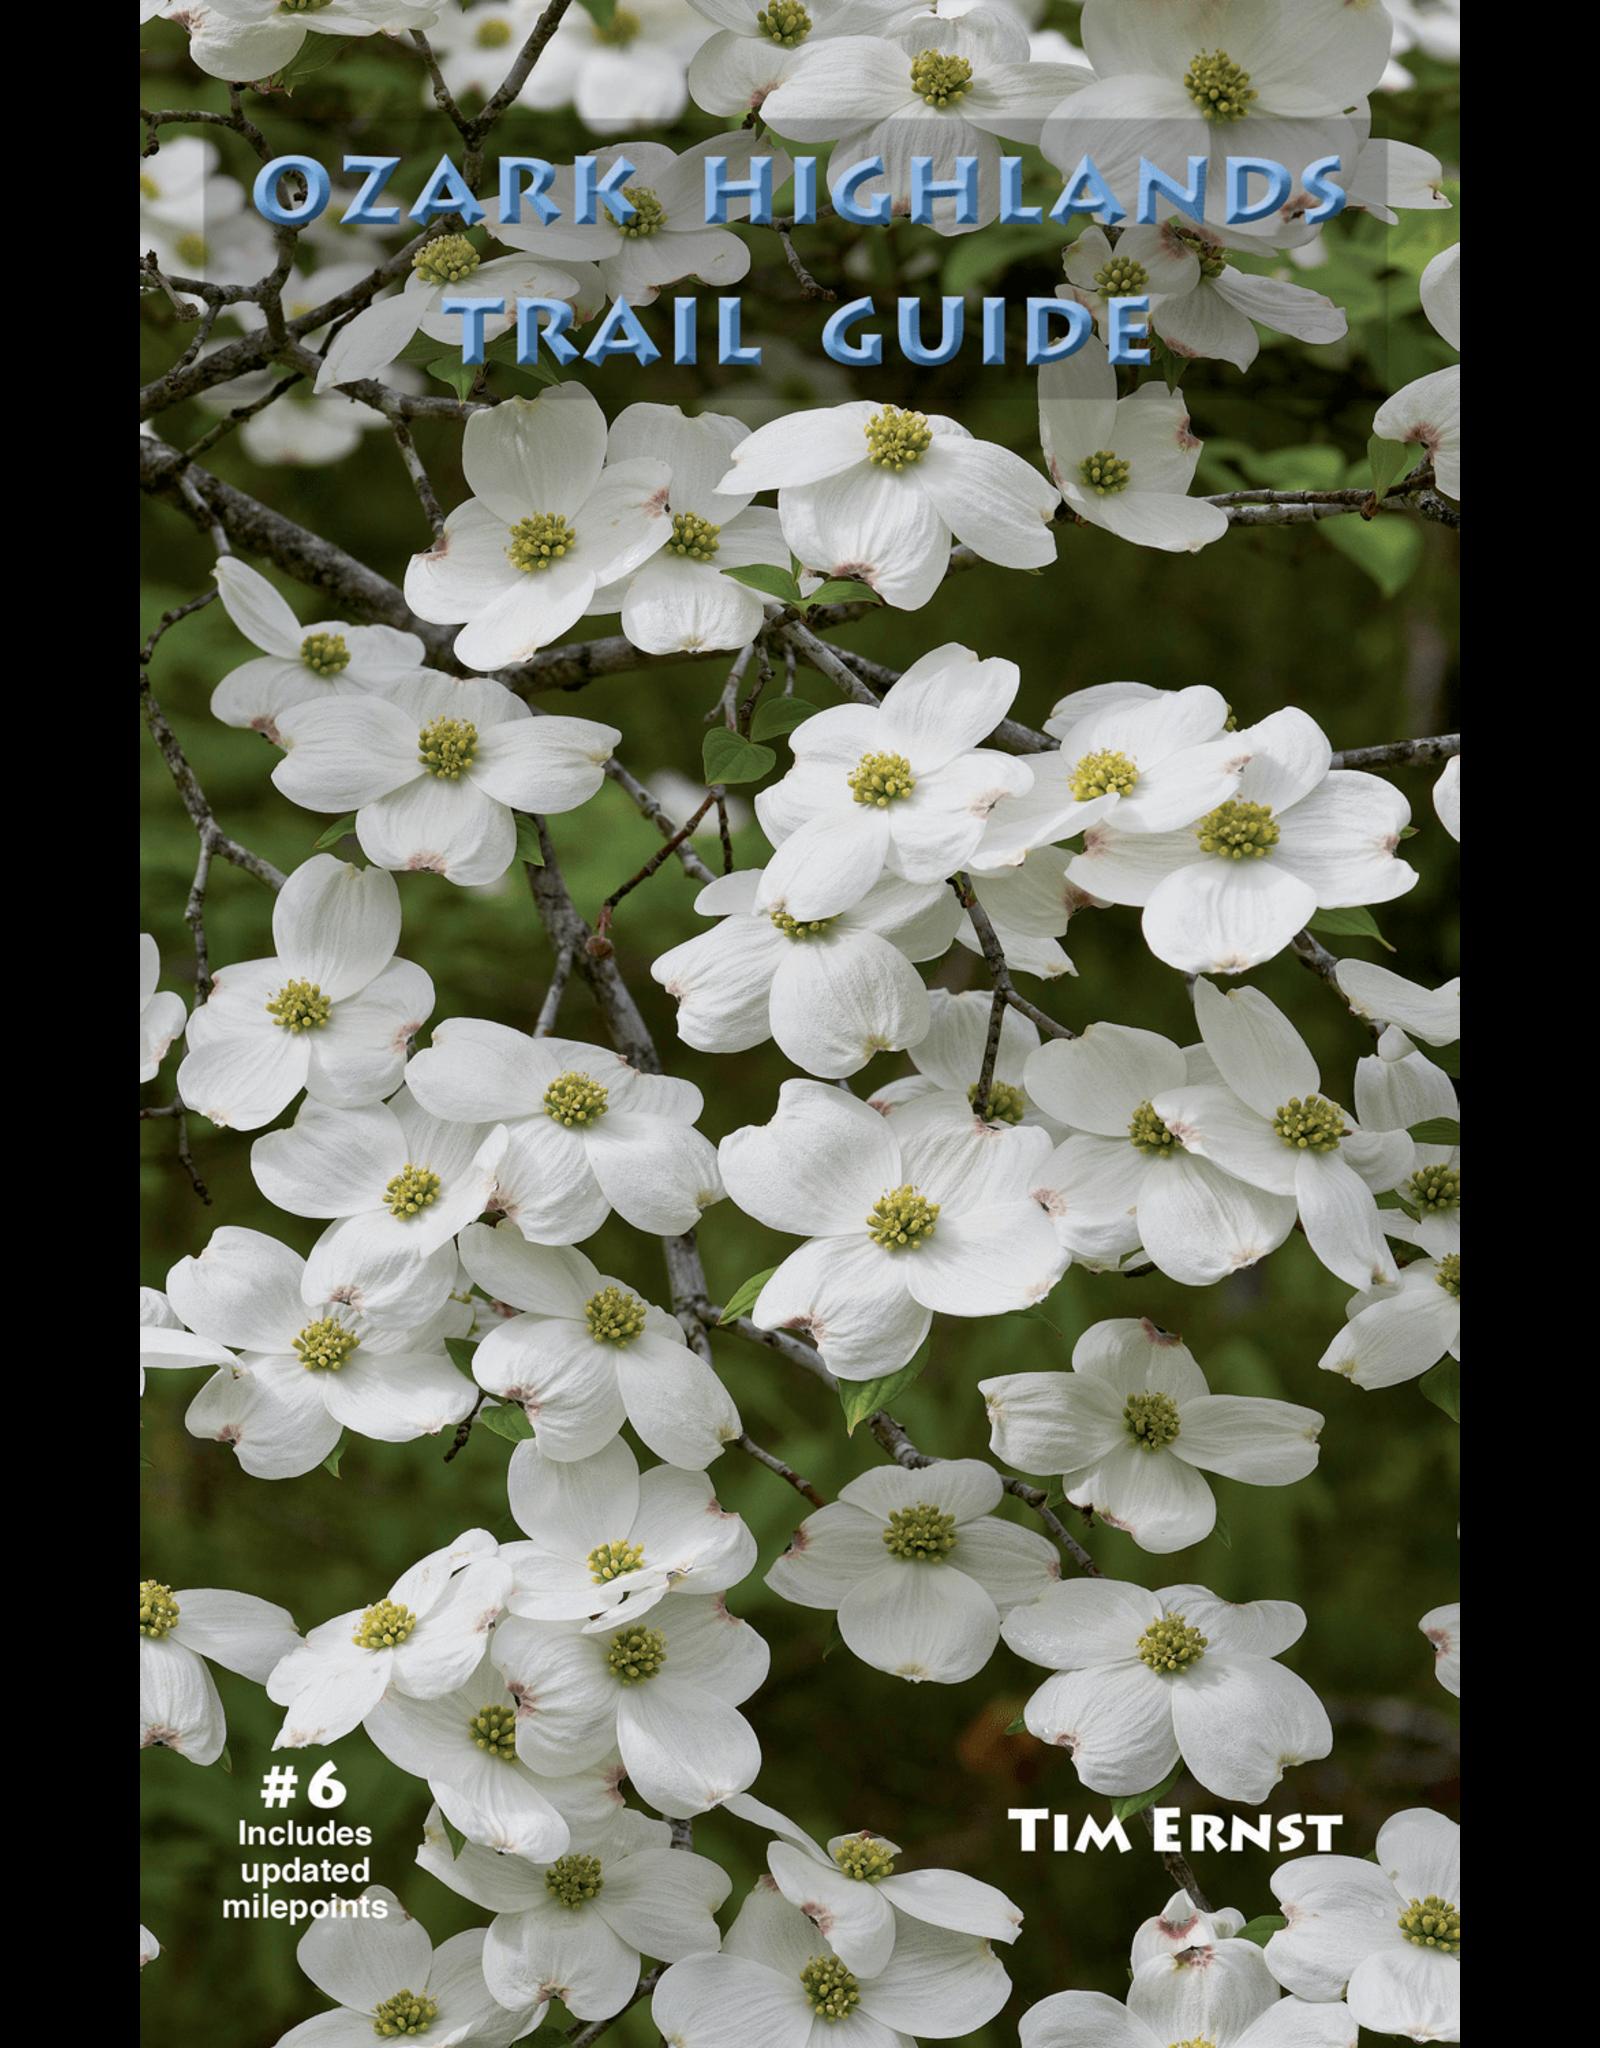 Ozark Highlands Trail Guide #6 by Tim Ernst